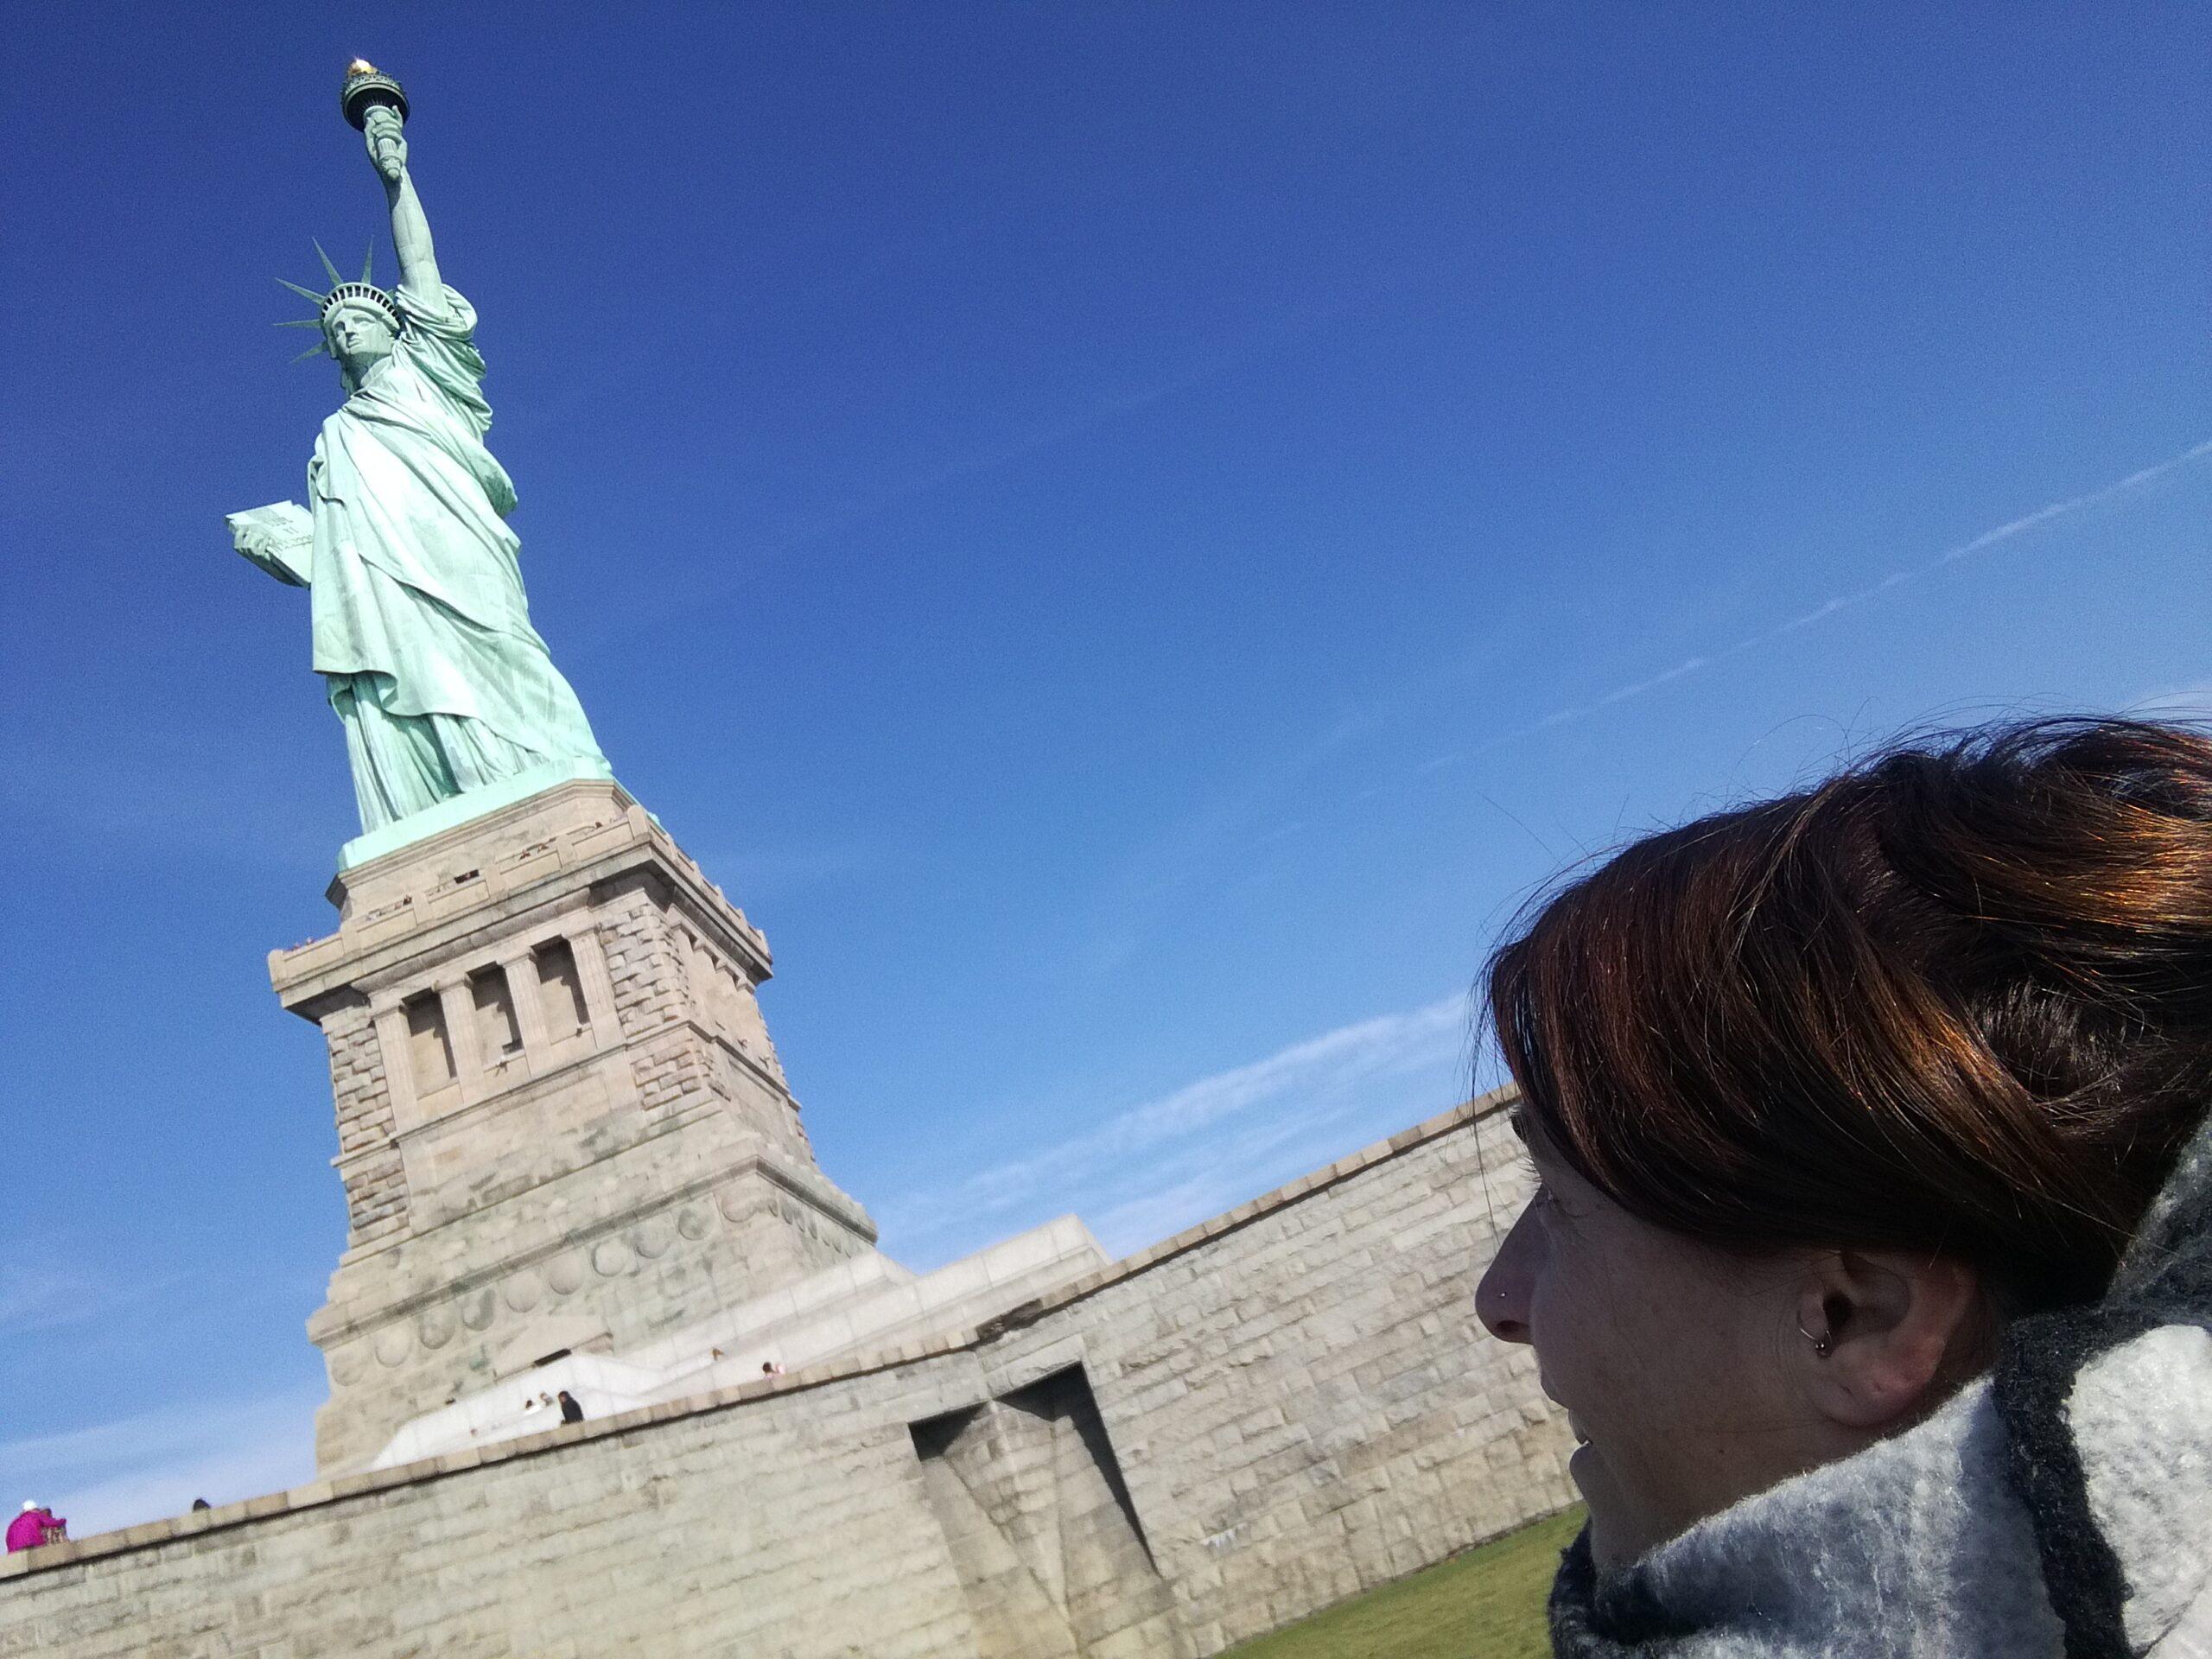 New york, pensieri e considerazioni personali